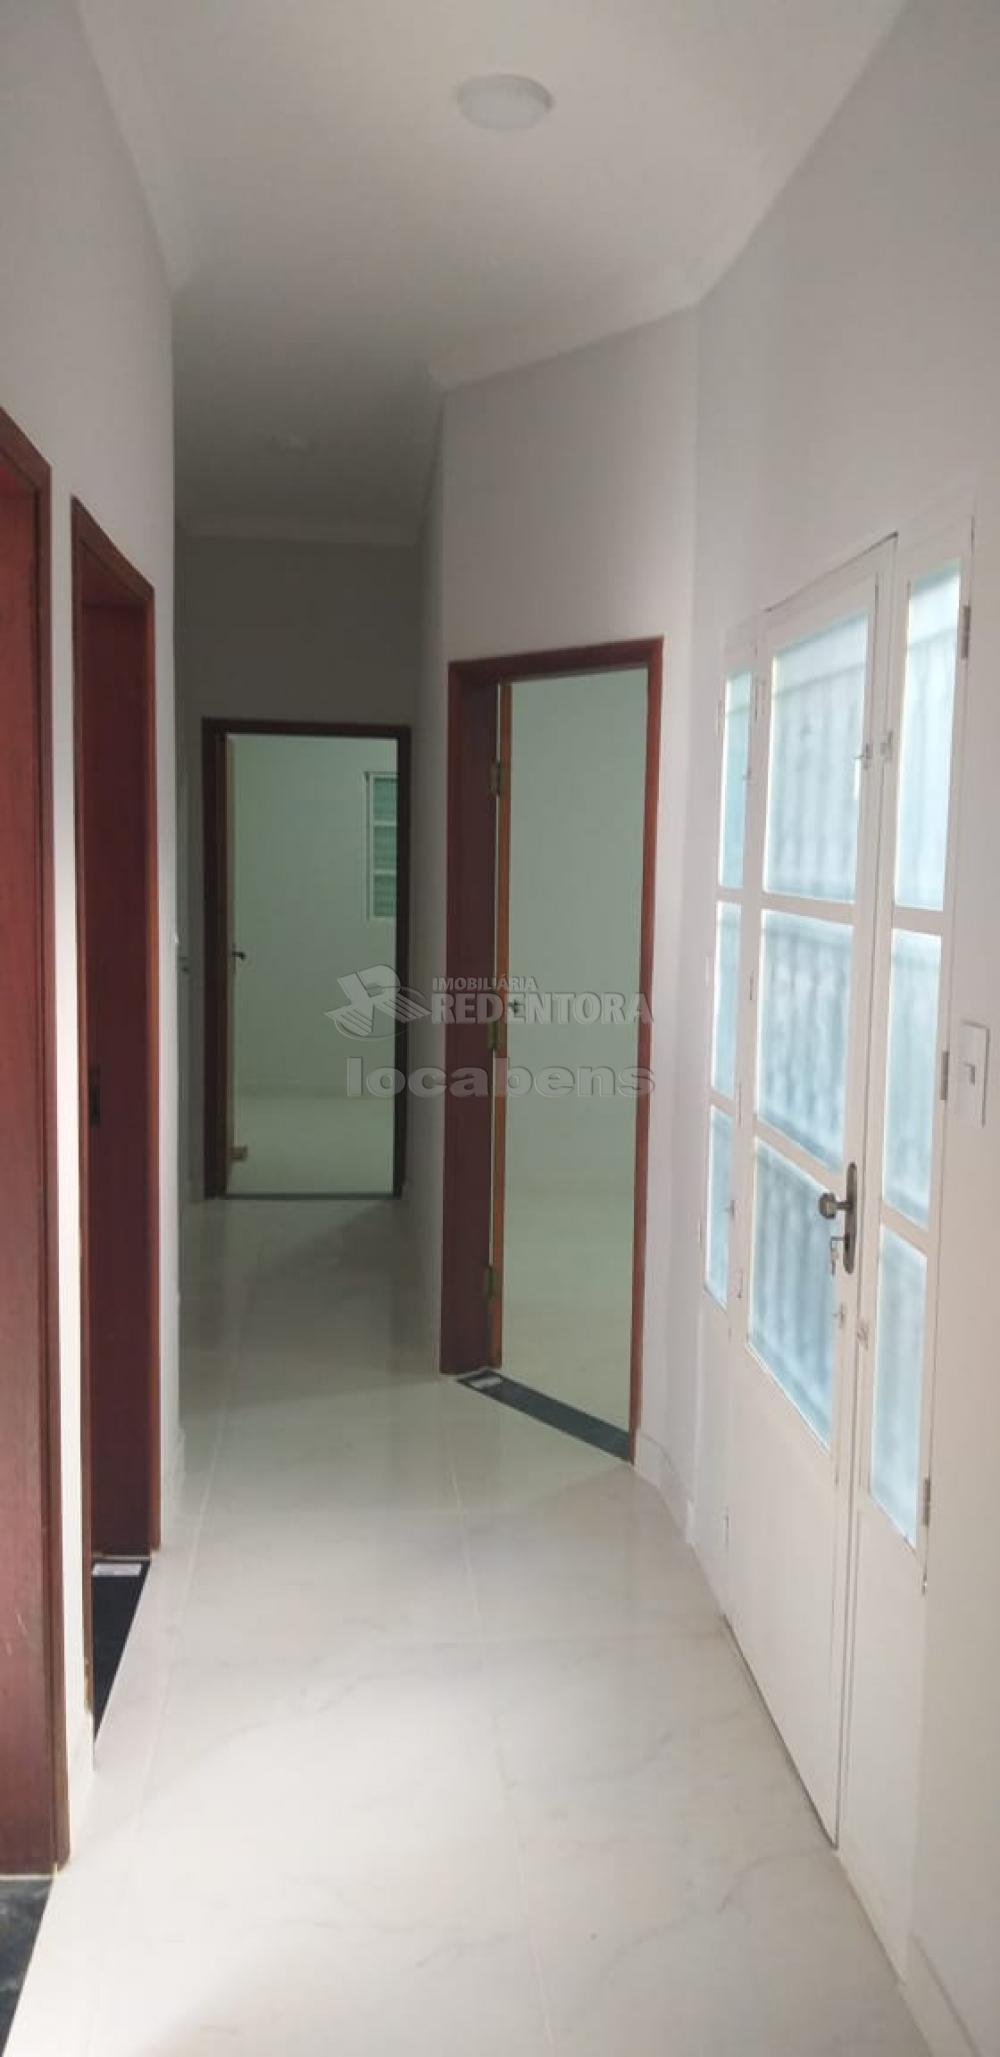 Comprar Casa / Padrão em São José do Rio Preto R$ 290.000,00 - Foto 3